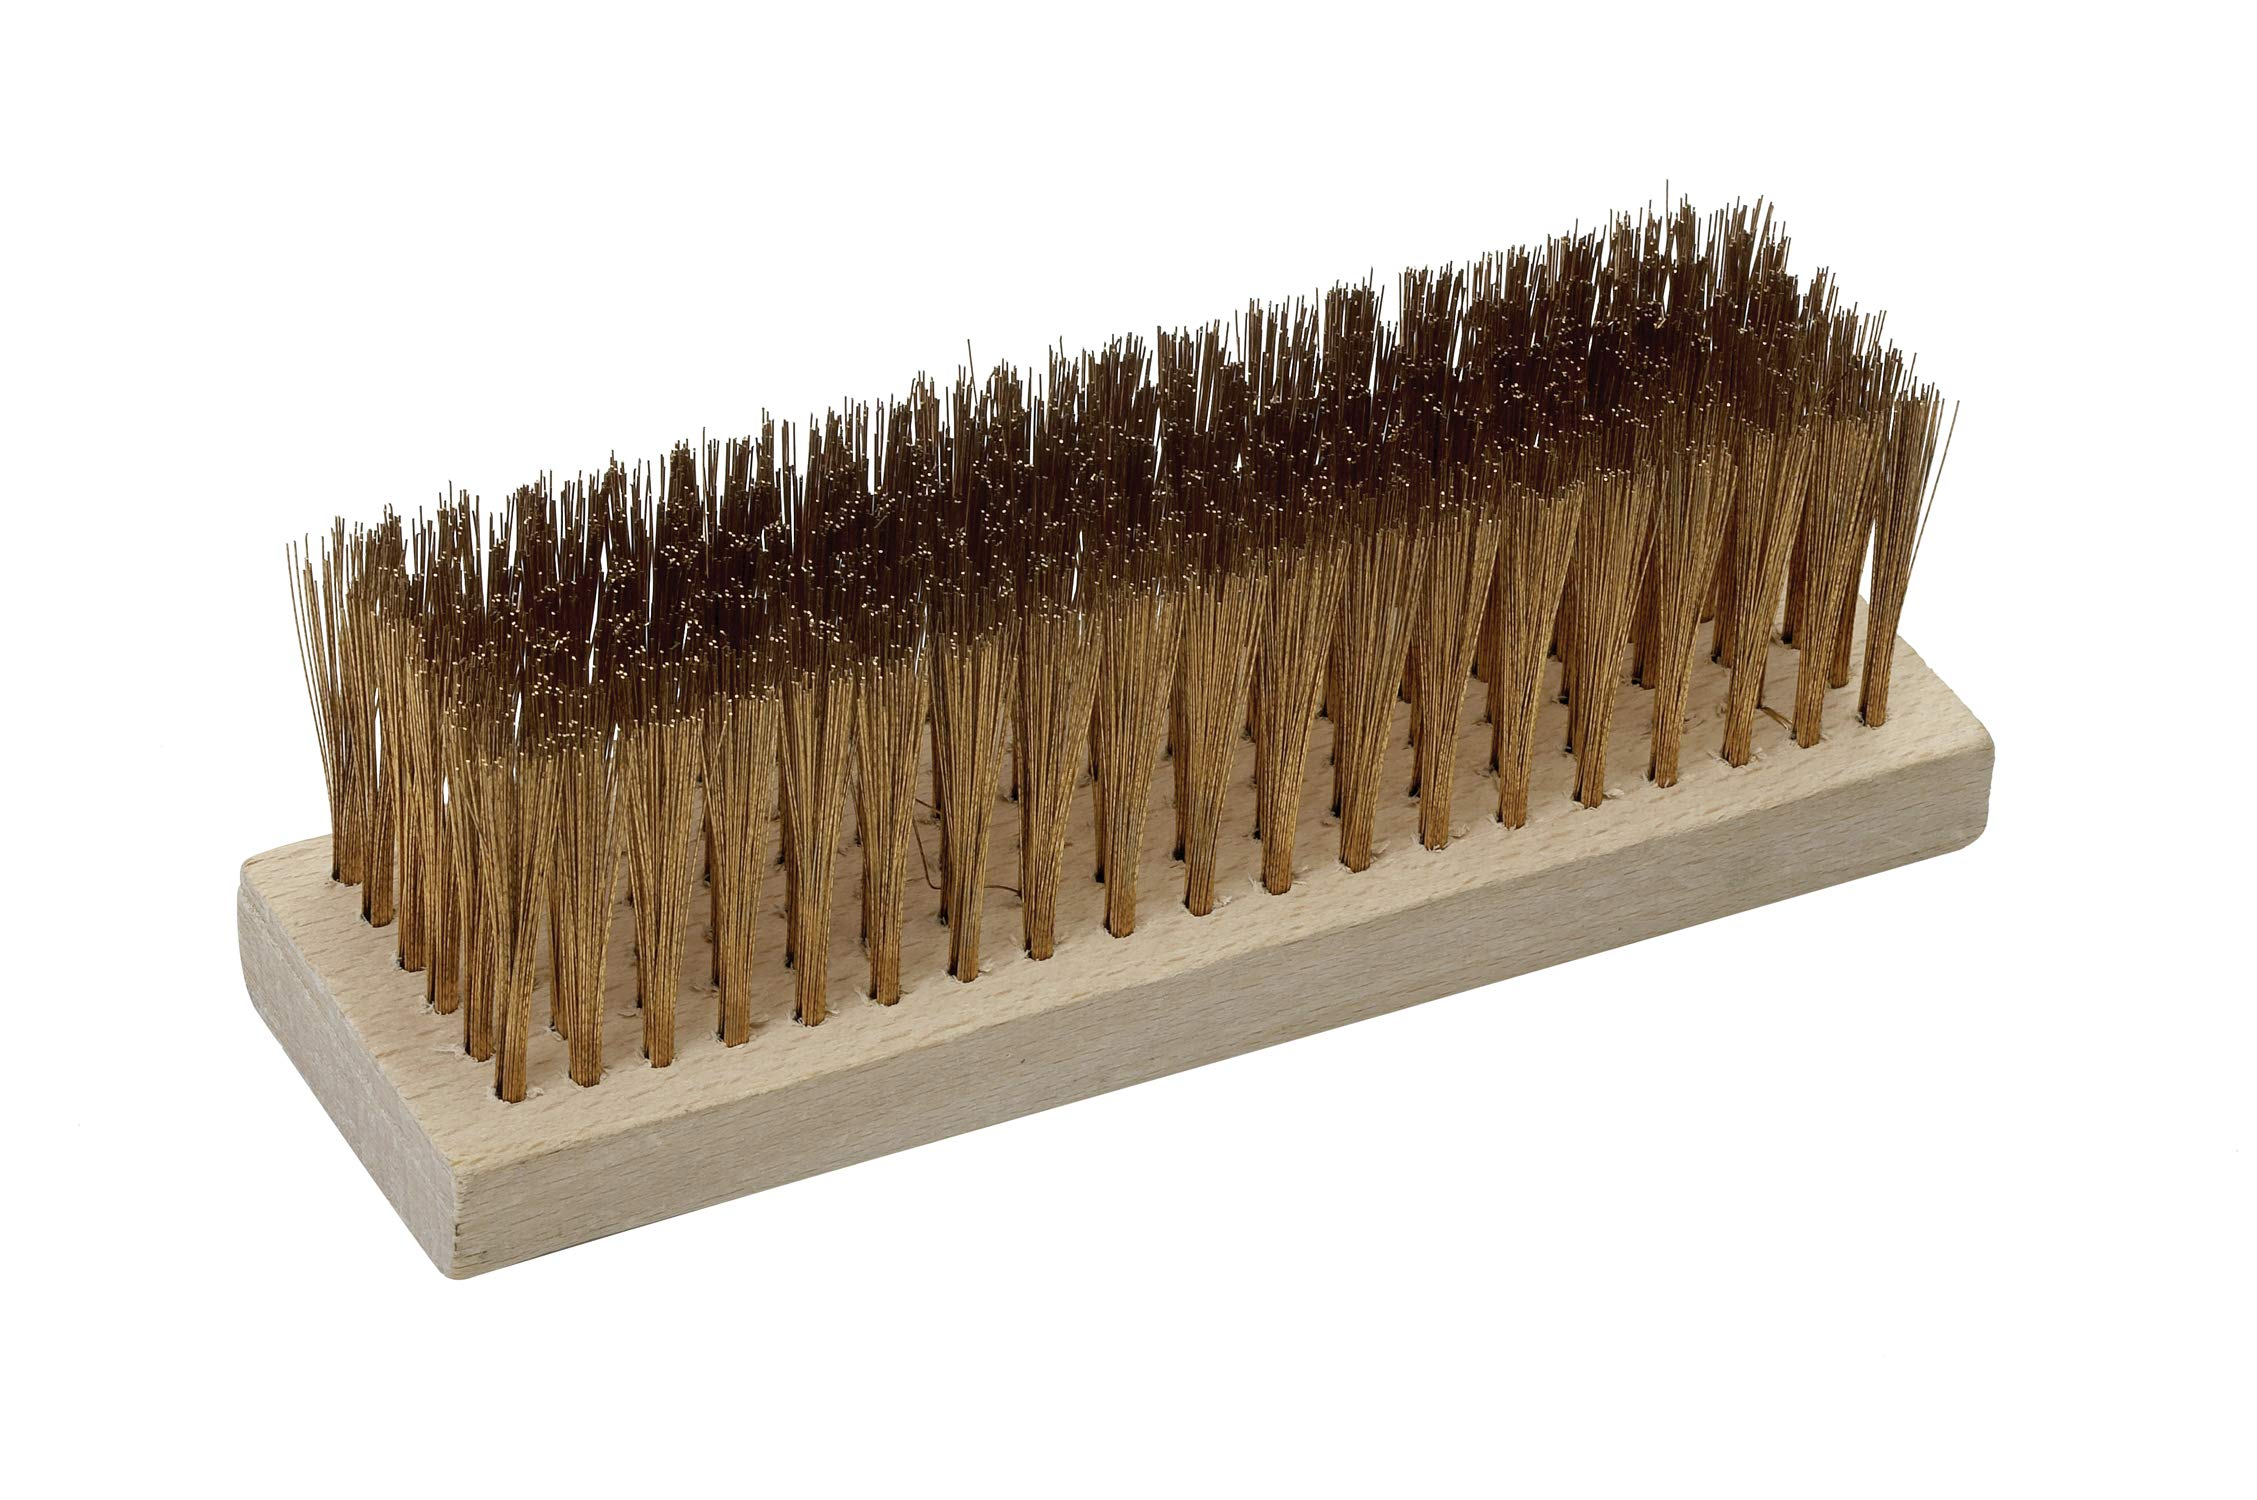 CS Unitec EX1002-5A Non-Sparking 5 Row Aluminum Bronze (AlBr) Scratch Brush, Flat Back